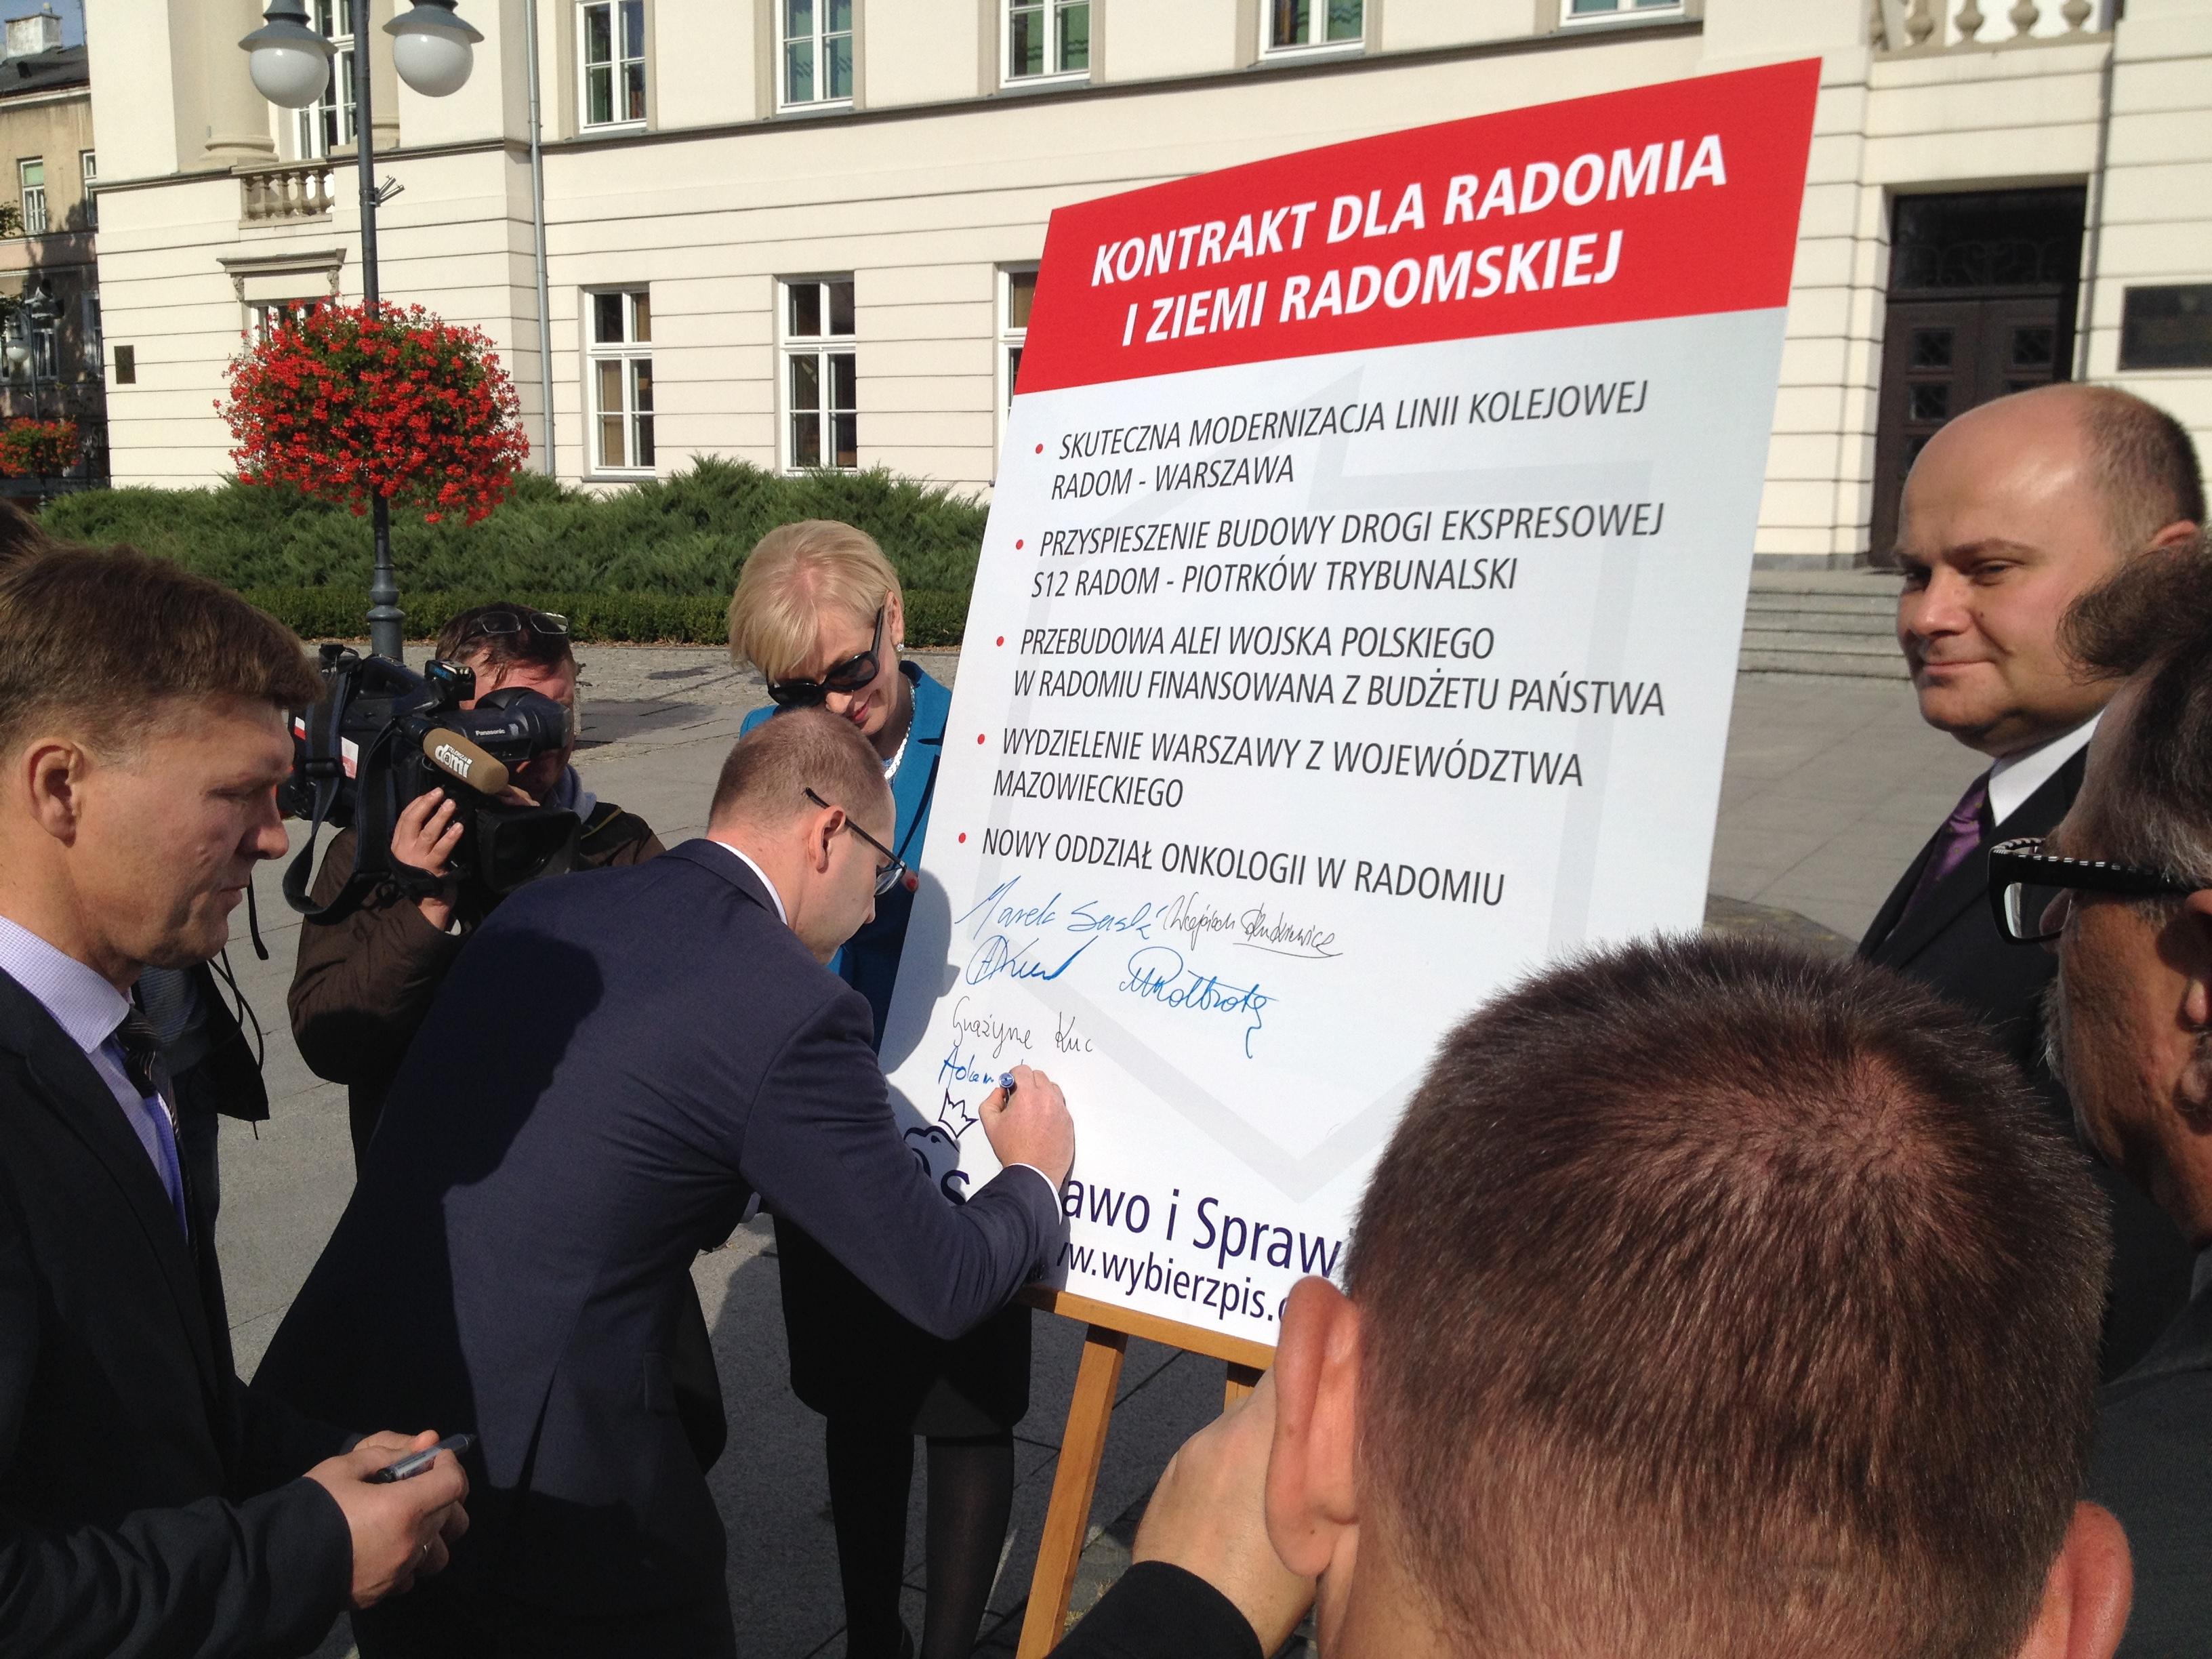 Kontrakt dla Radomia i ziemi radomskiej